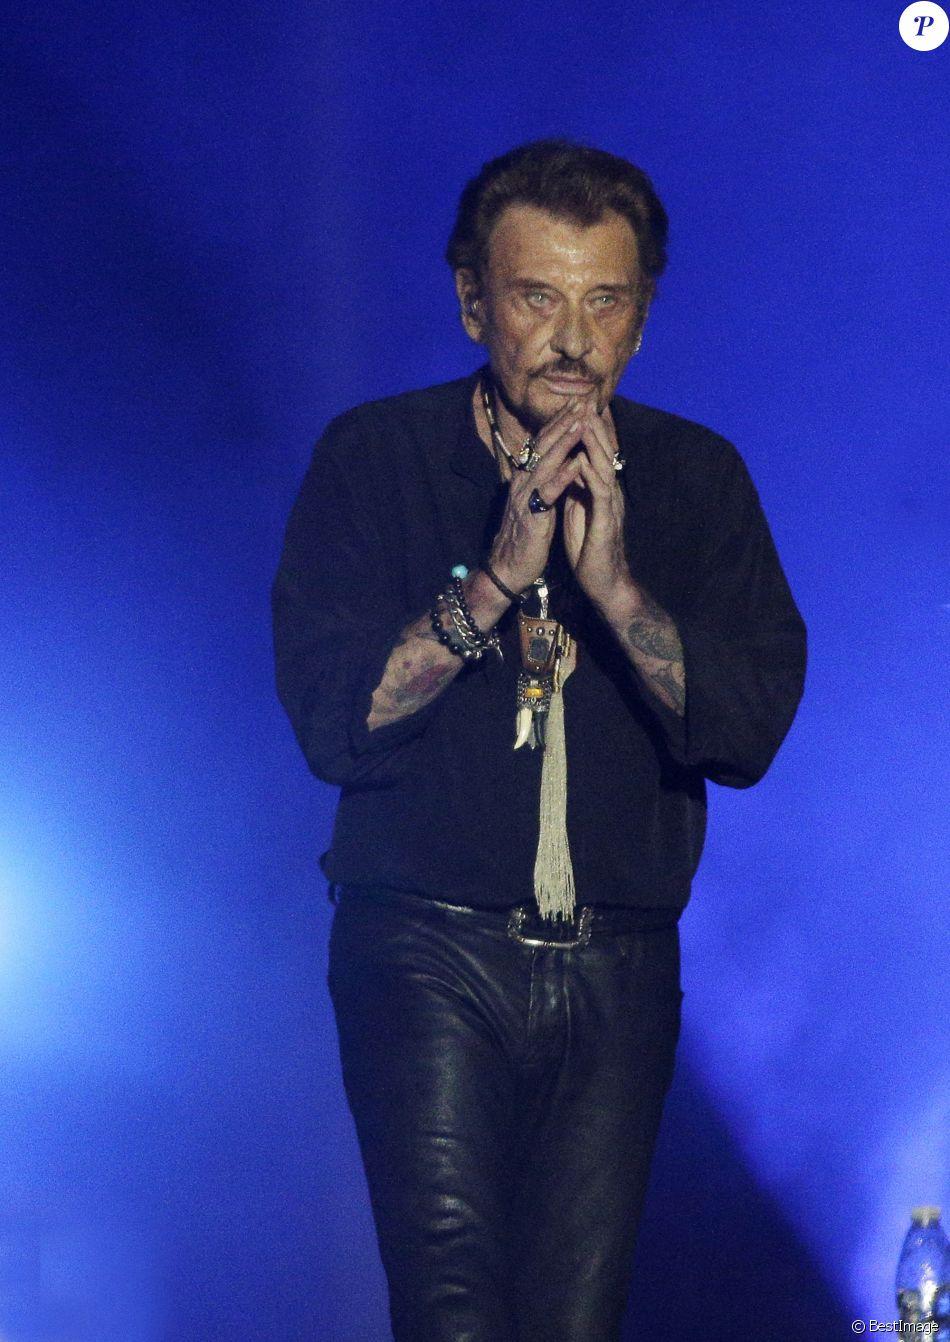 Johnny Hallyday en concert au Vélodrome à Arcachon, où 8500 personnes sont venues l'acclamer. Le 19 juillet 2016